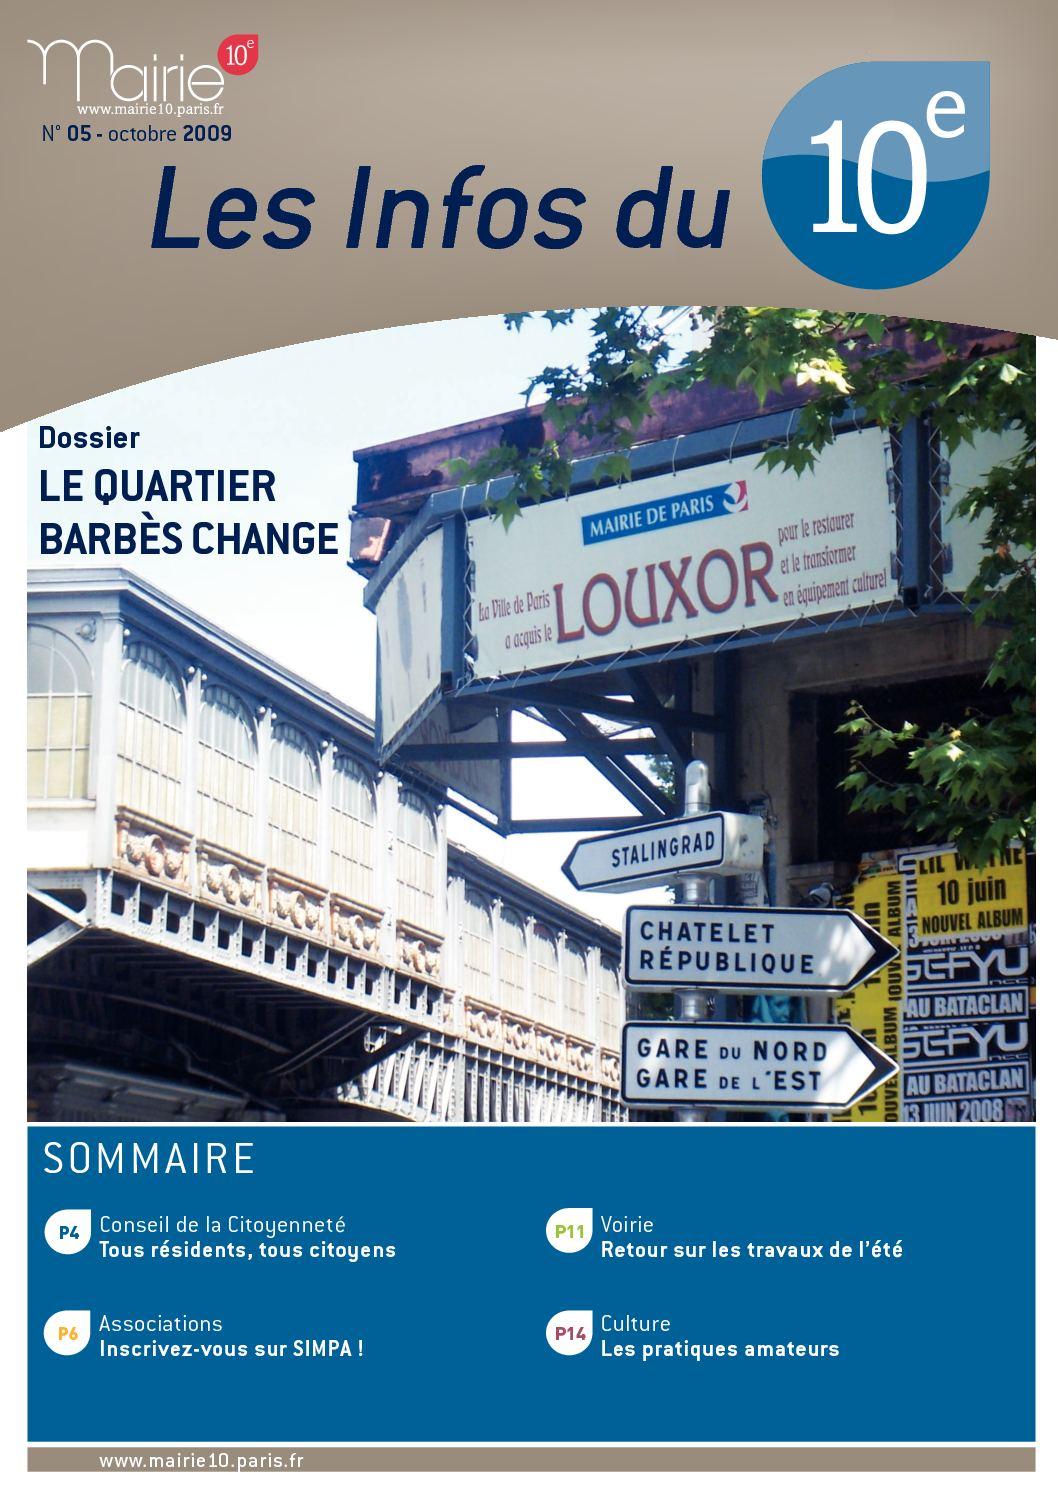 Calaméo - Infos mairie 10 n°5